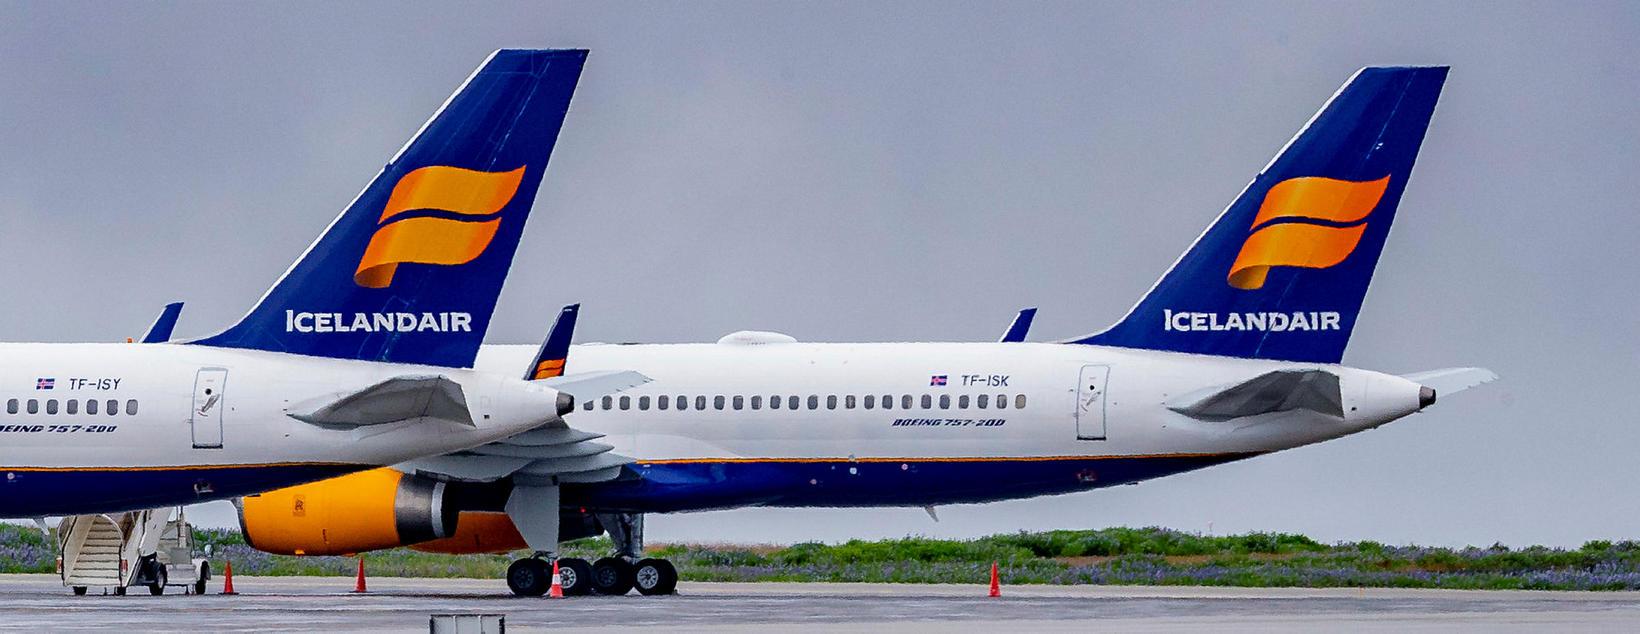 Starfsemi Icelandair hefur verið í lágmarki meðan á faraldrinum hefur …